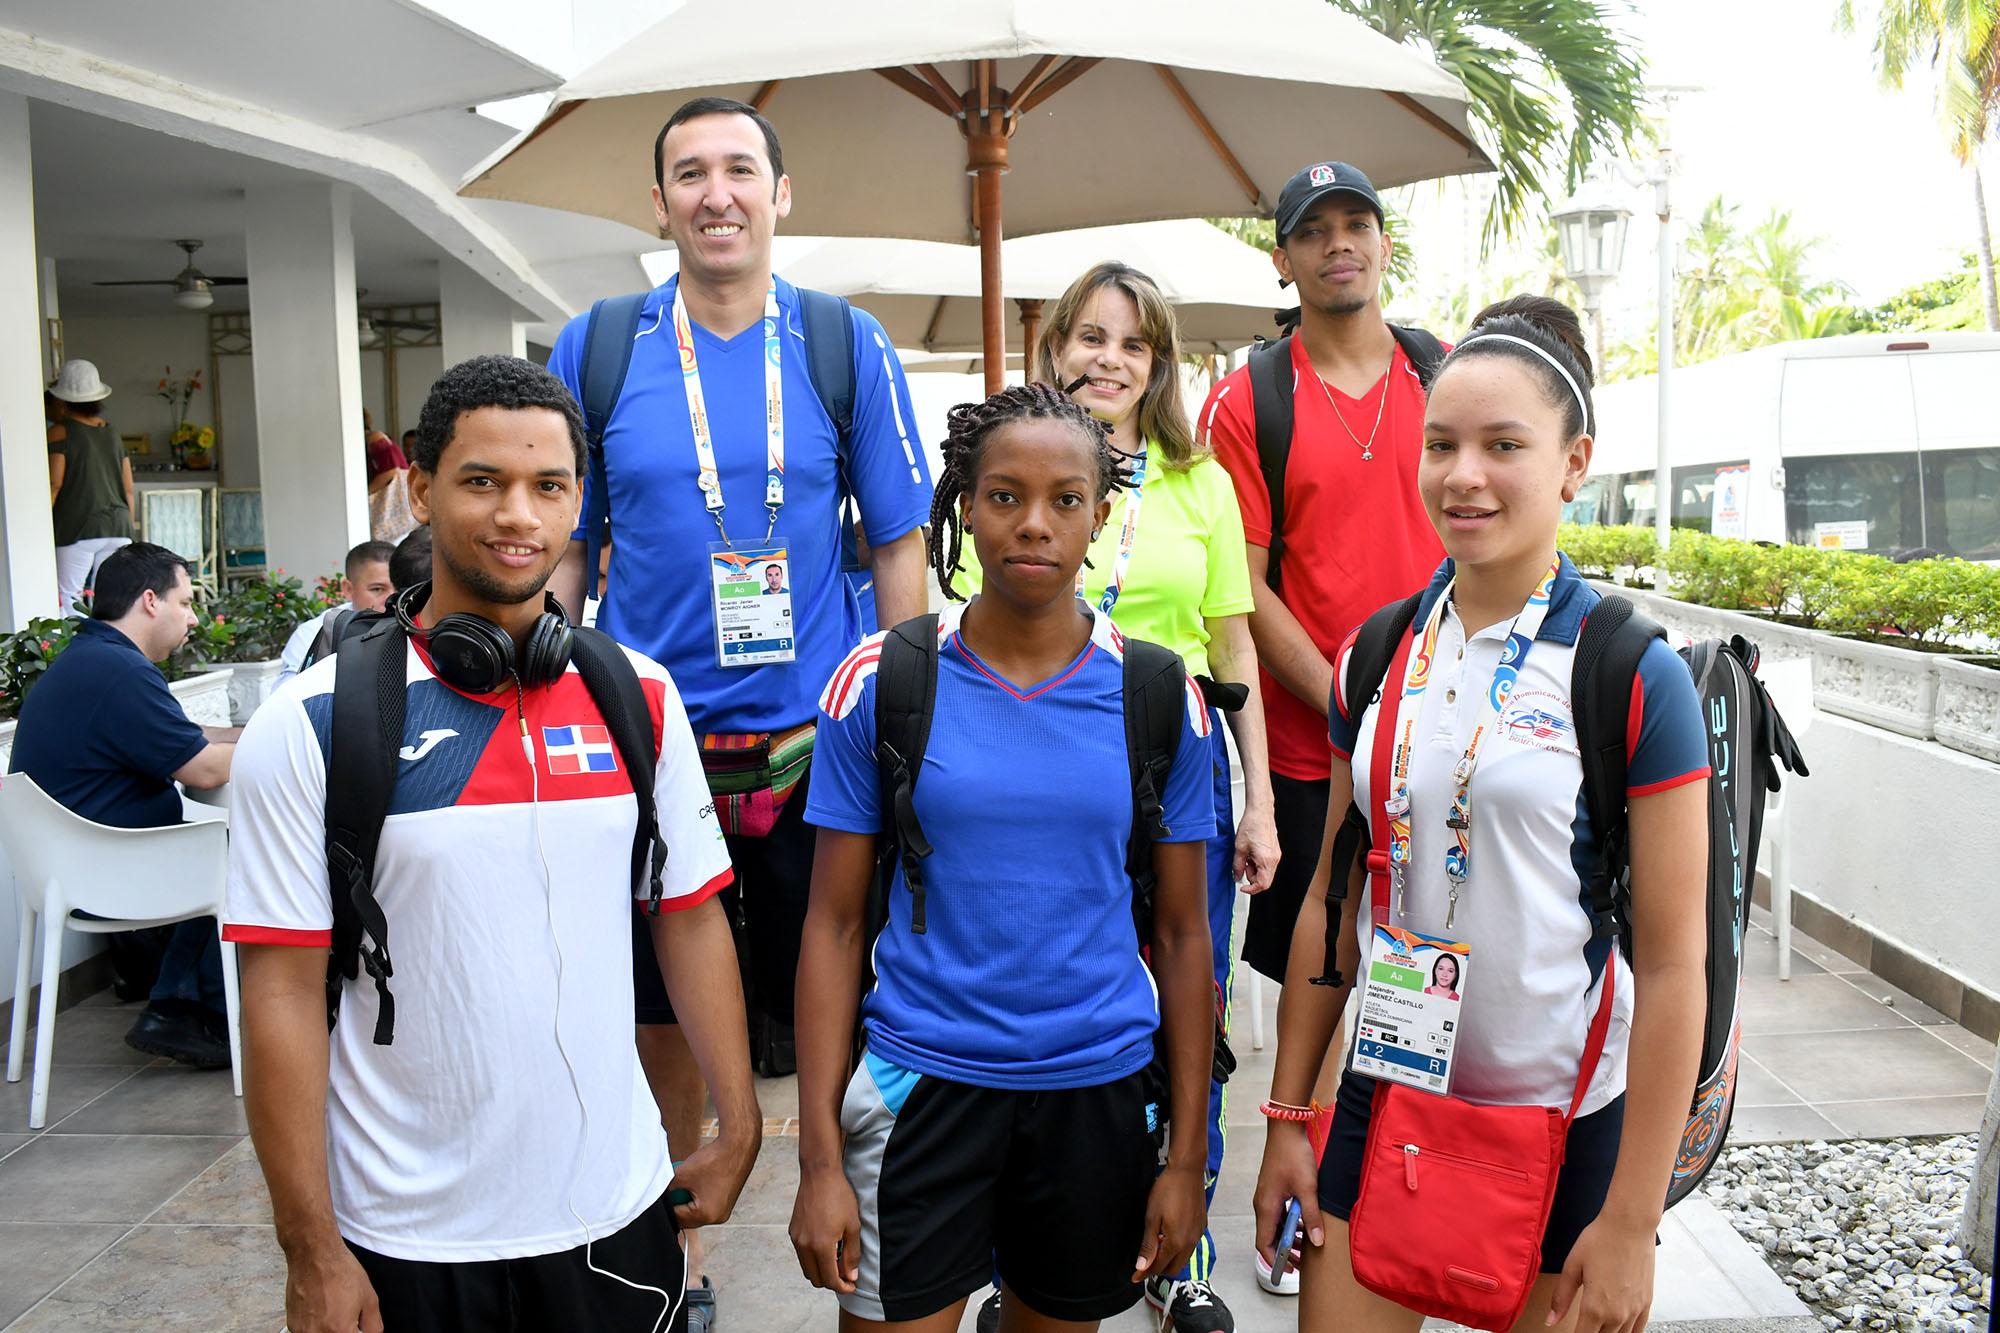 Racquetbol obtiene medalla de bronce en dobles masculinos